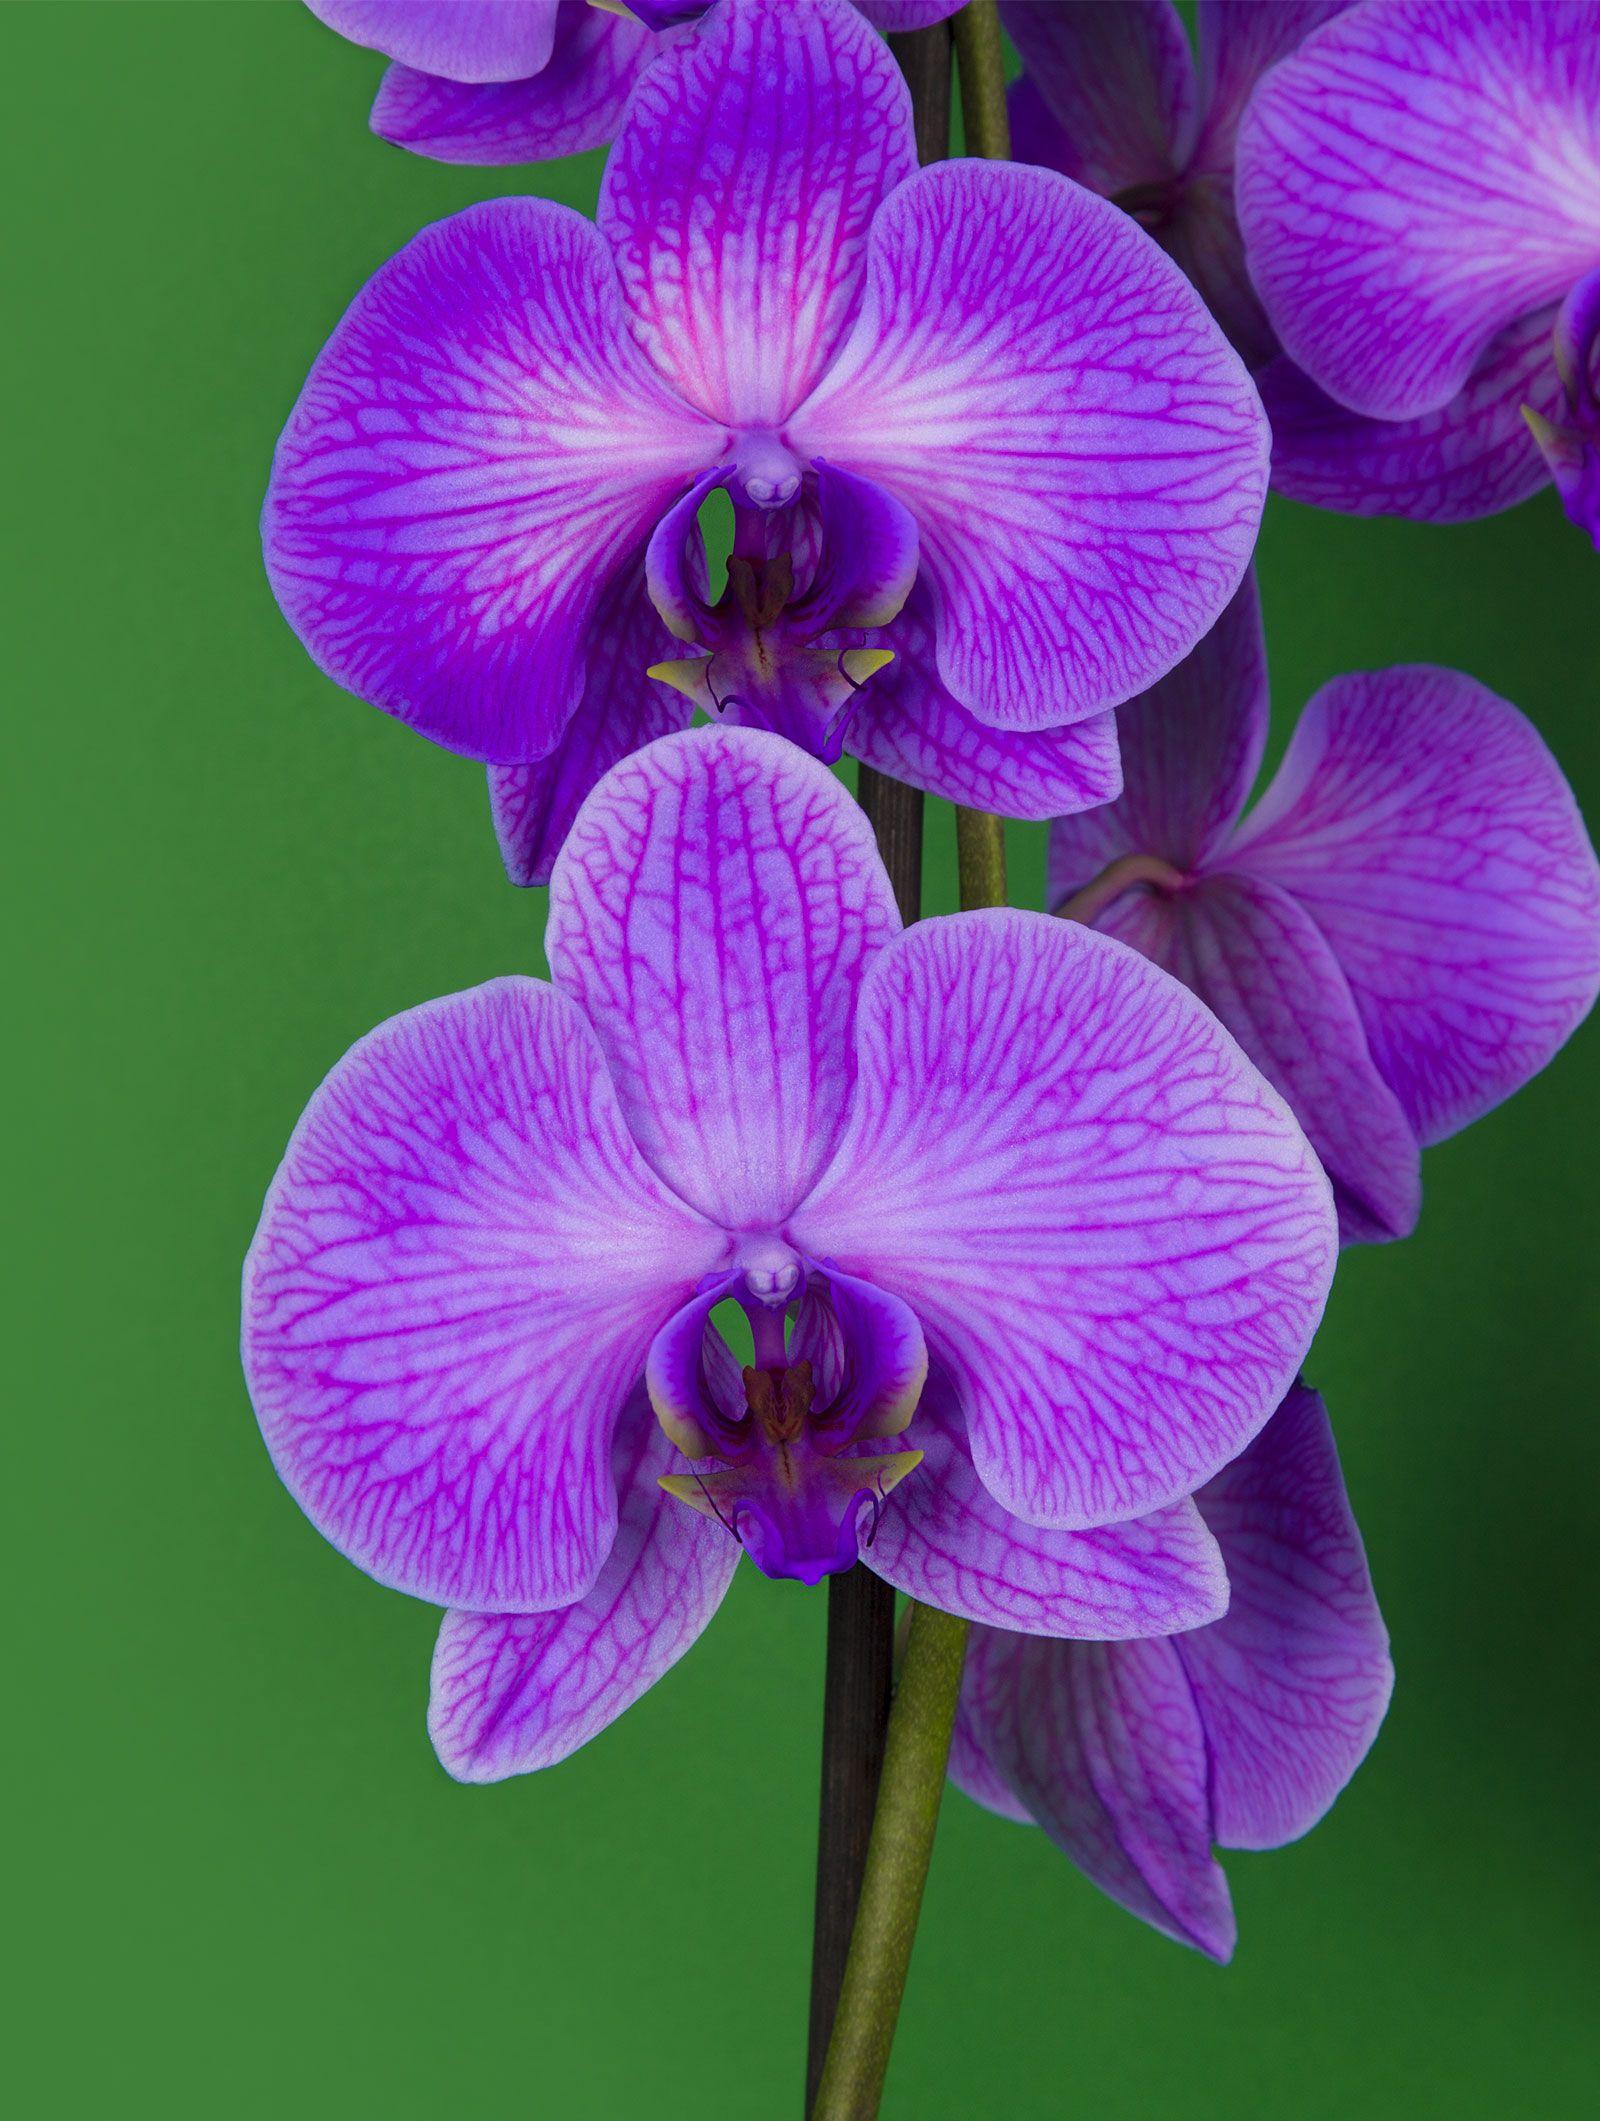 Orchidee Violette Serenite Livraison De Bouquets De Fleurs En